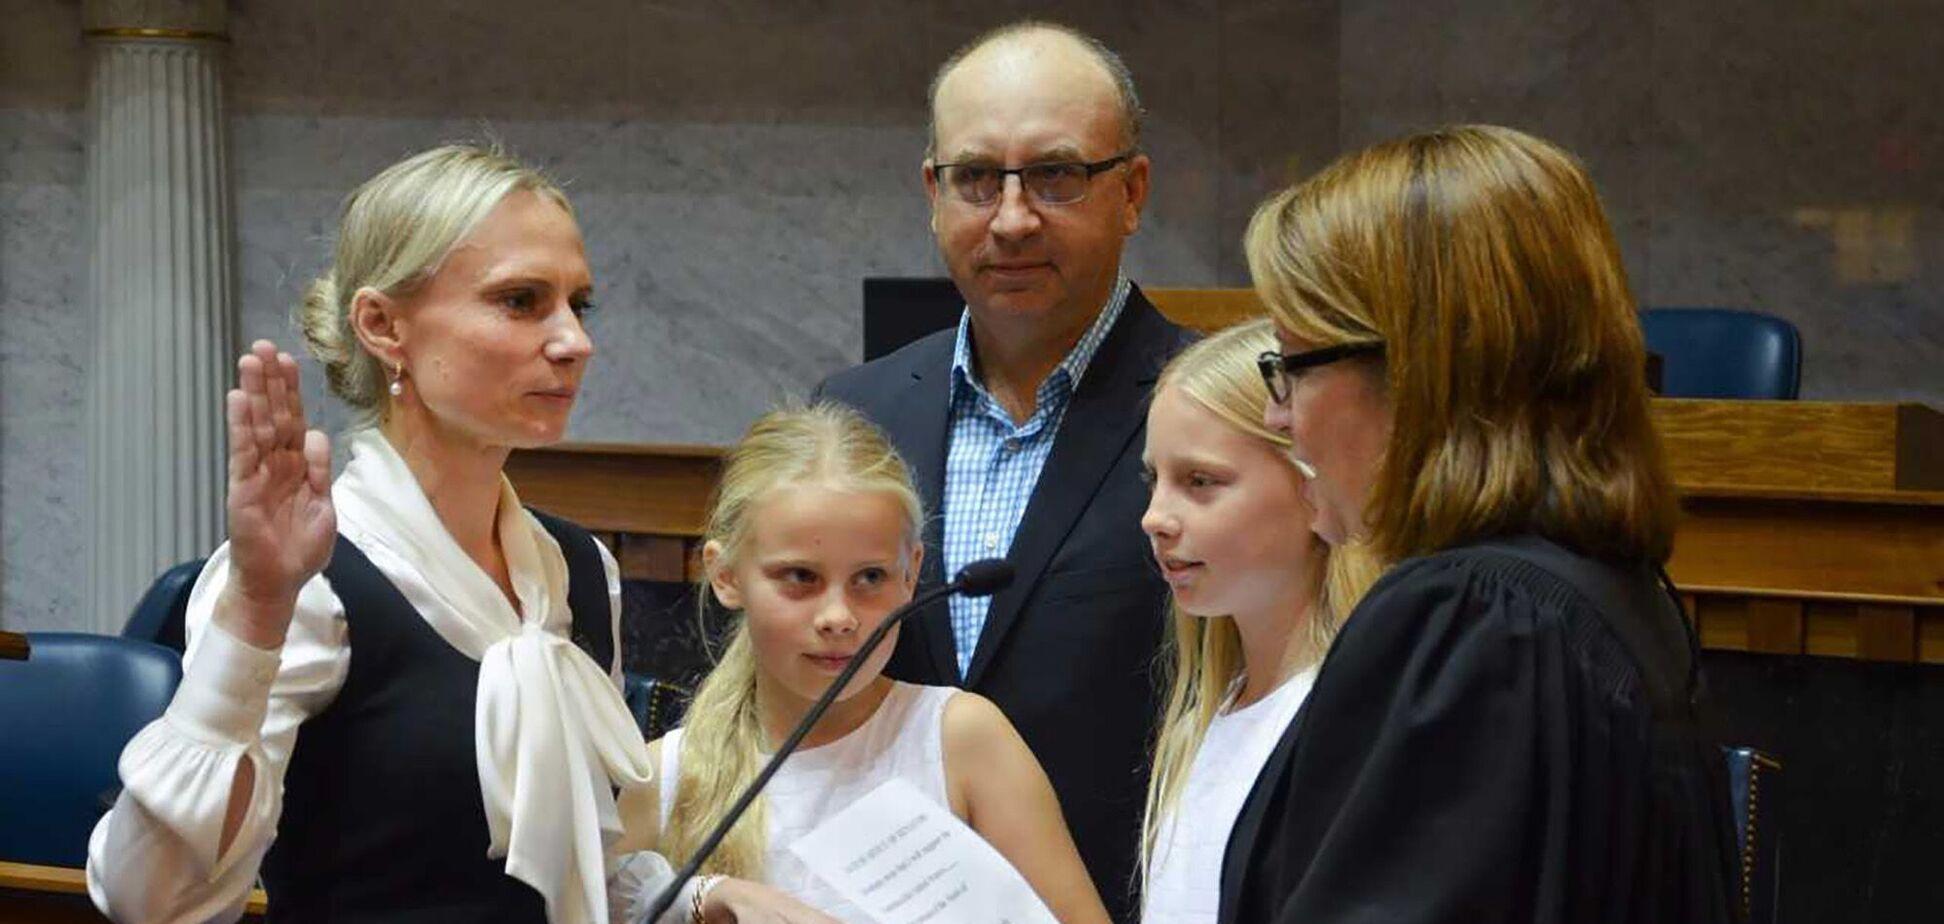 УкраїнкаСпартц вперше в історії США стала конгресвумен